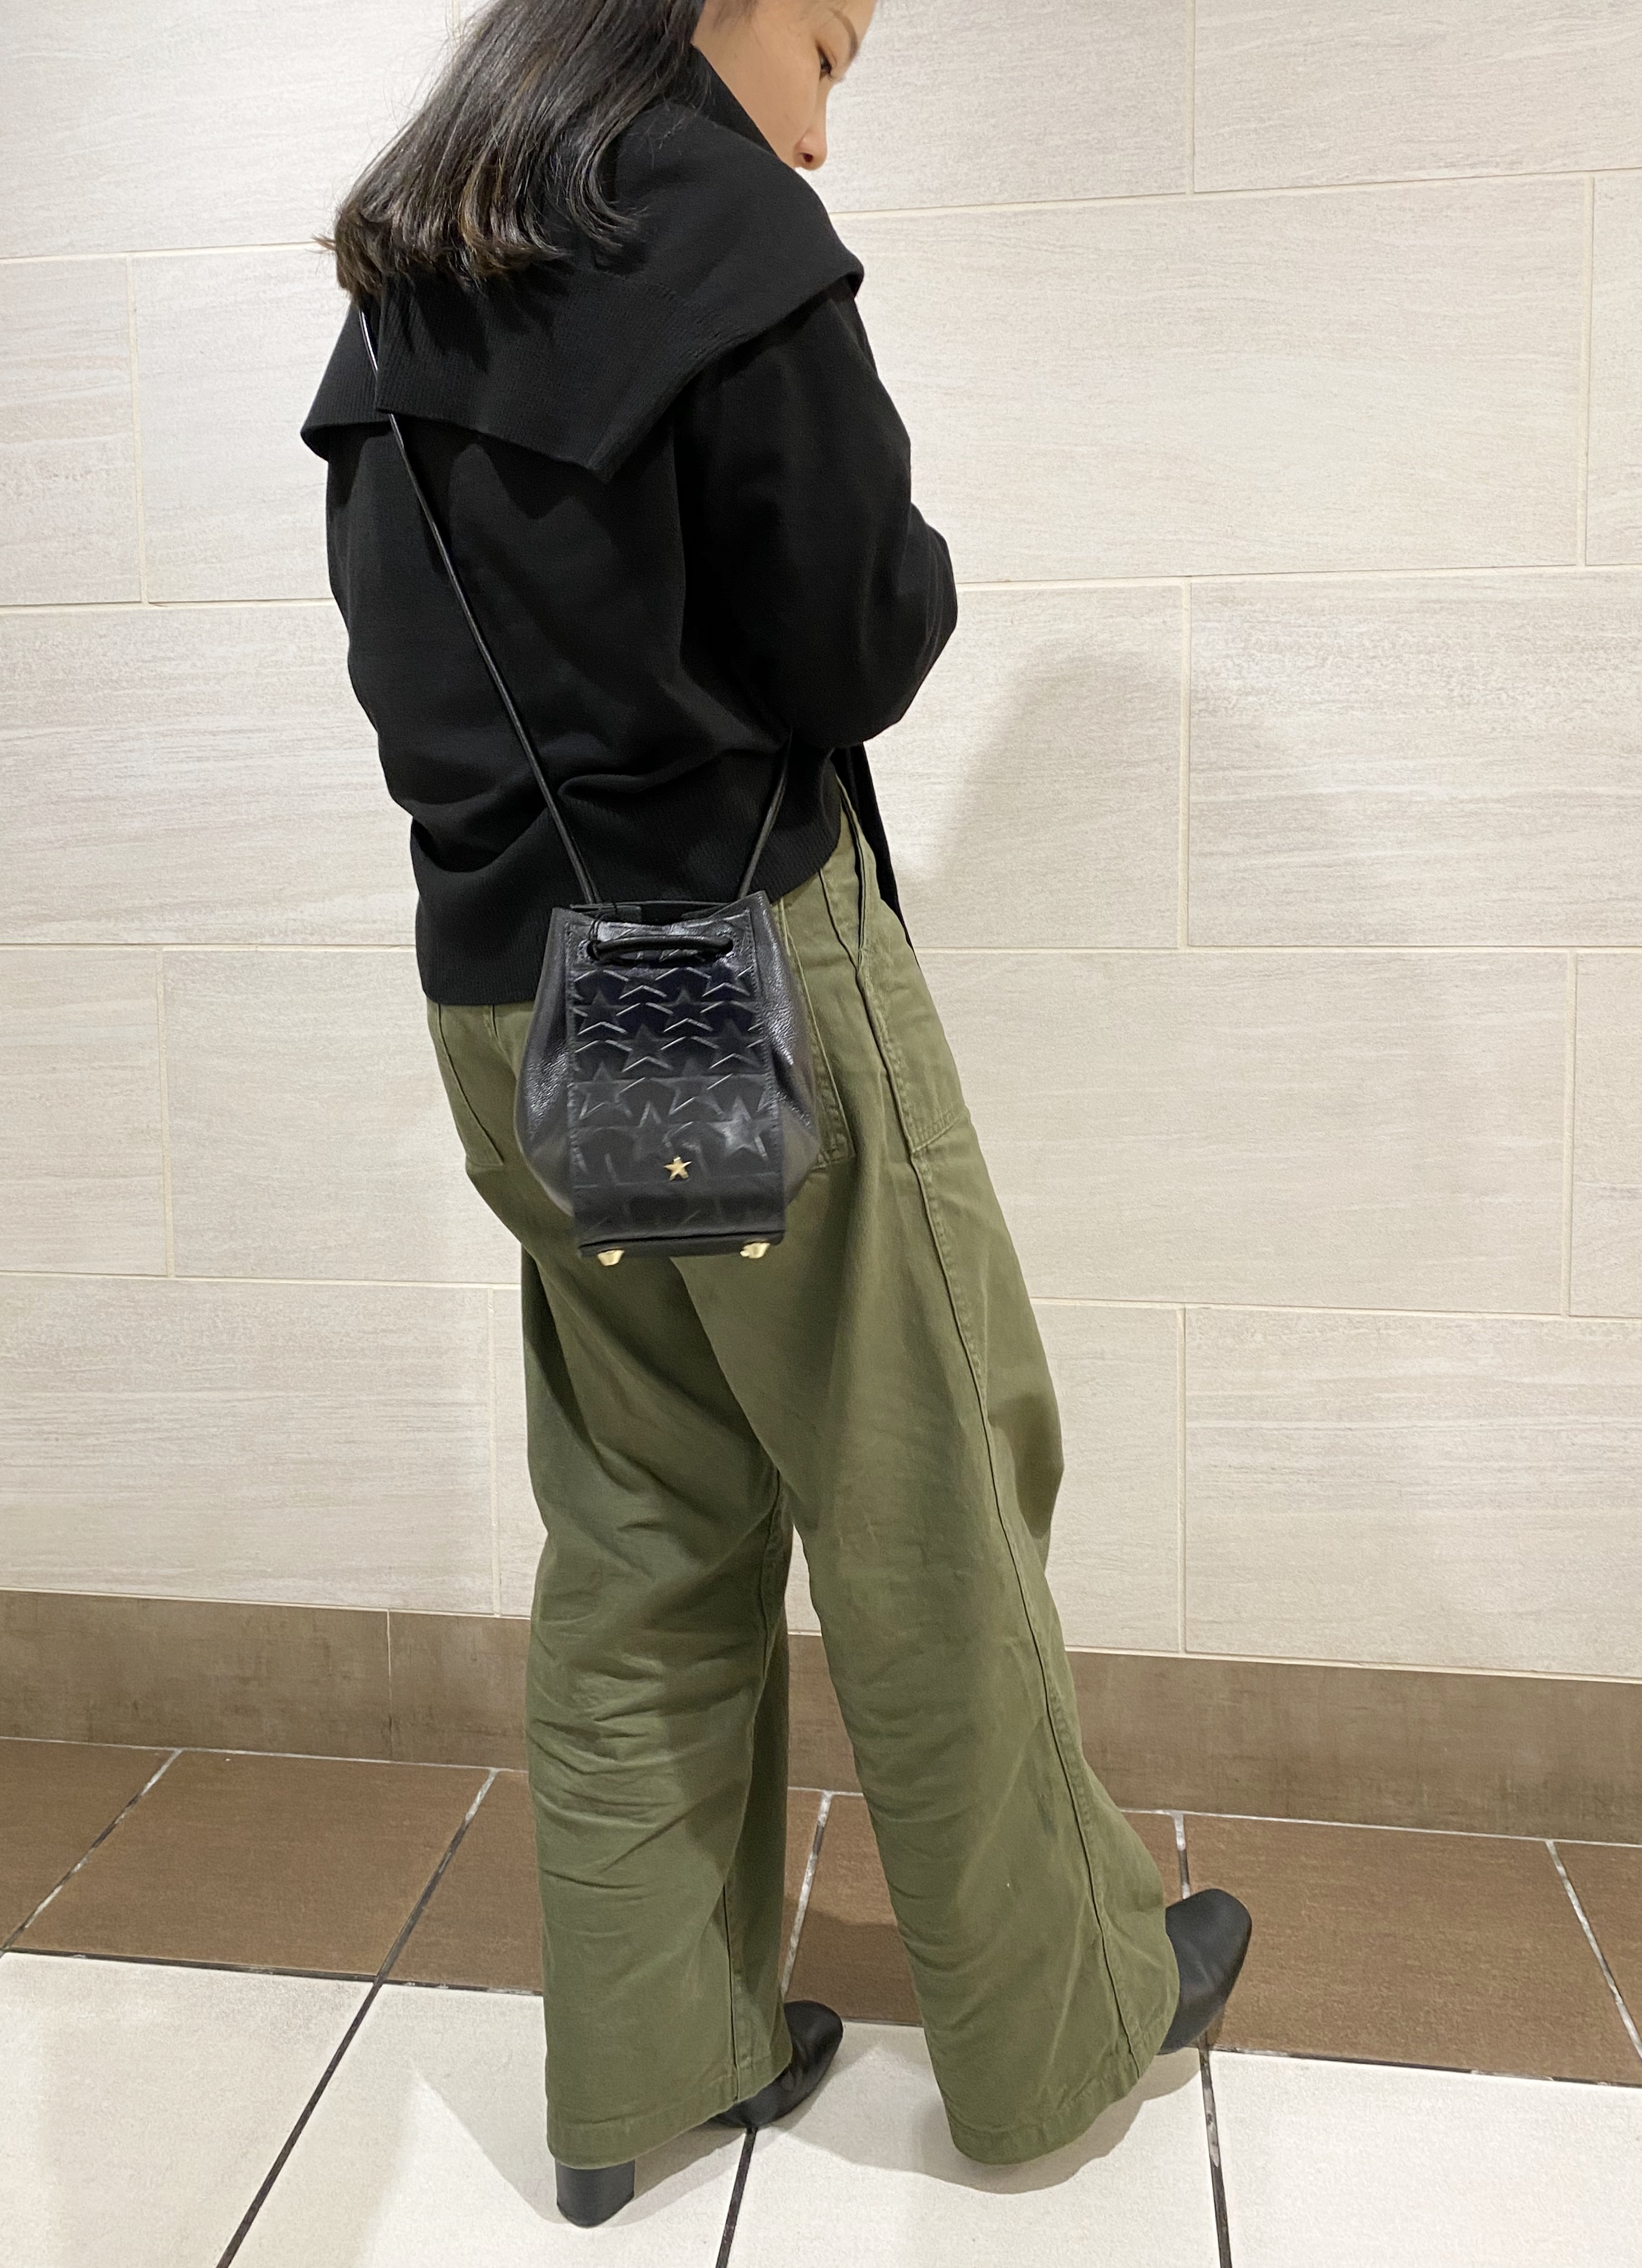 ポルタ 京都 セレクト 星 バッグ スター 巾着 レザー